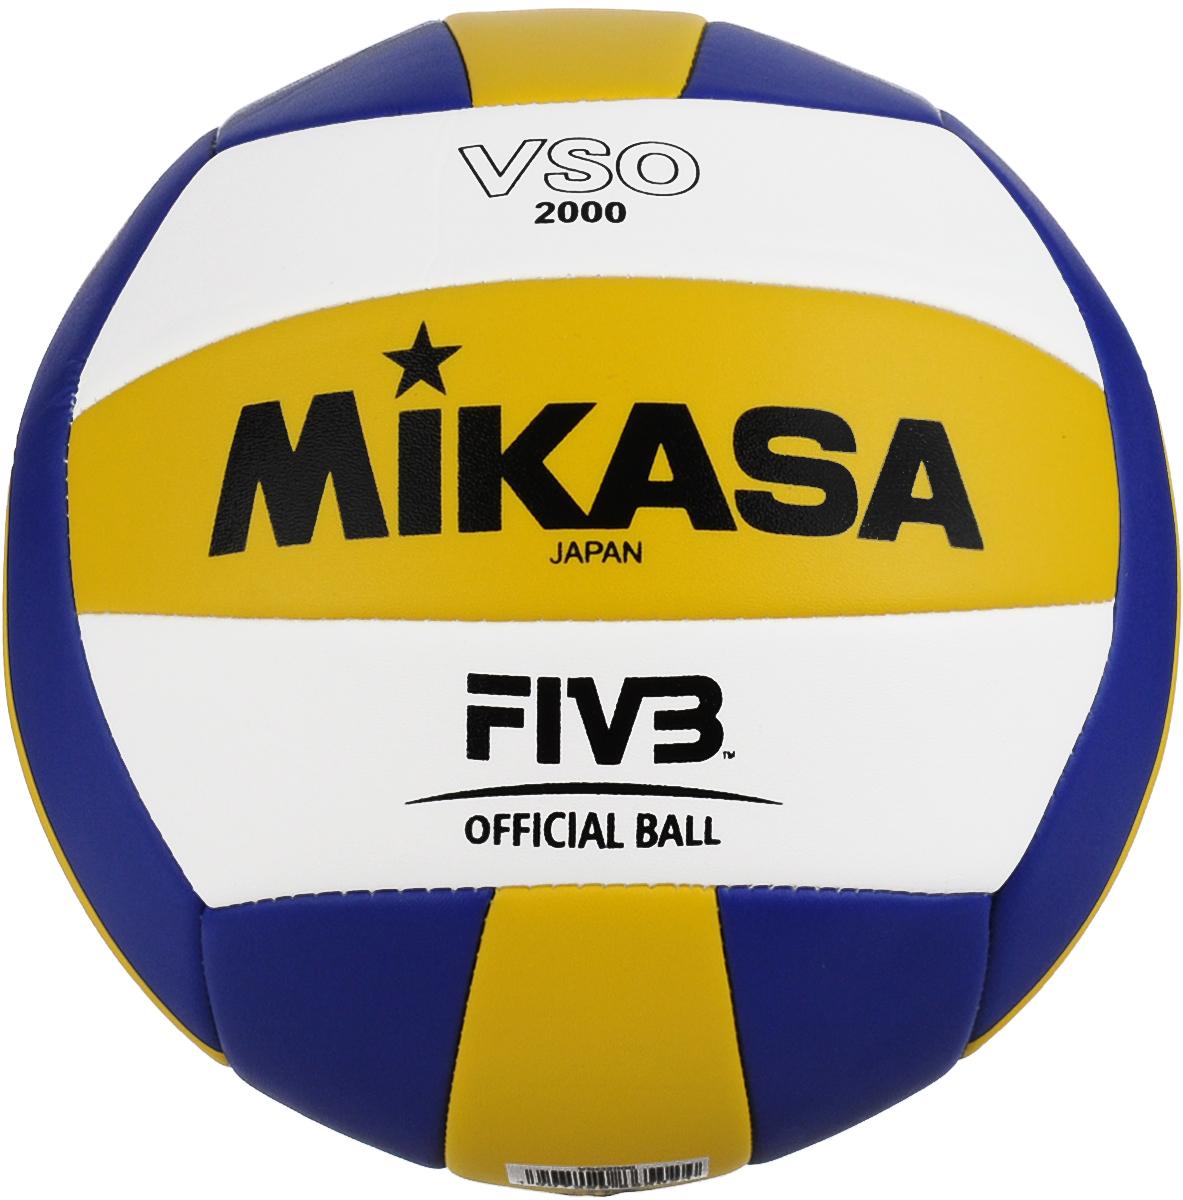 Мяч волейбольный Mikasa VSO 2000. Размер 5120330_black/whiteОблегченный мяч Mikasa VSO 2000 предназначен для тренировок начинающих волейболистов и любителей. Изделие состоит из 18 панелей, выполненных из синтетической кожи. Камера изготовлена из бутила. Технология сшивки панелей TwinSTLock обеспечивает долговечность и прочность, как у клееного мяча.УВАЖЕМЫЕ КЛИЕНТЫ!Обращаем ваше внимание на тот факт, что мяч поставляется в сдутом виде. Насос в комплект не входит.